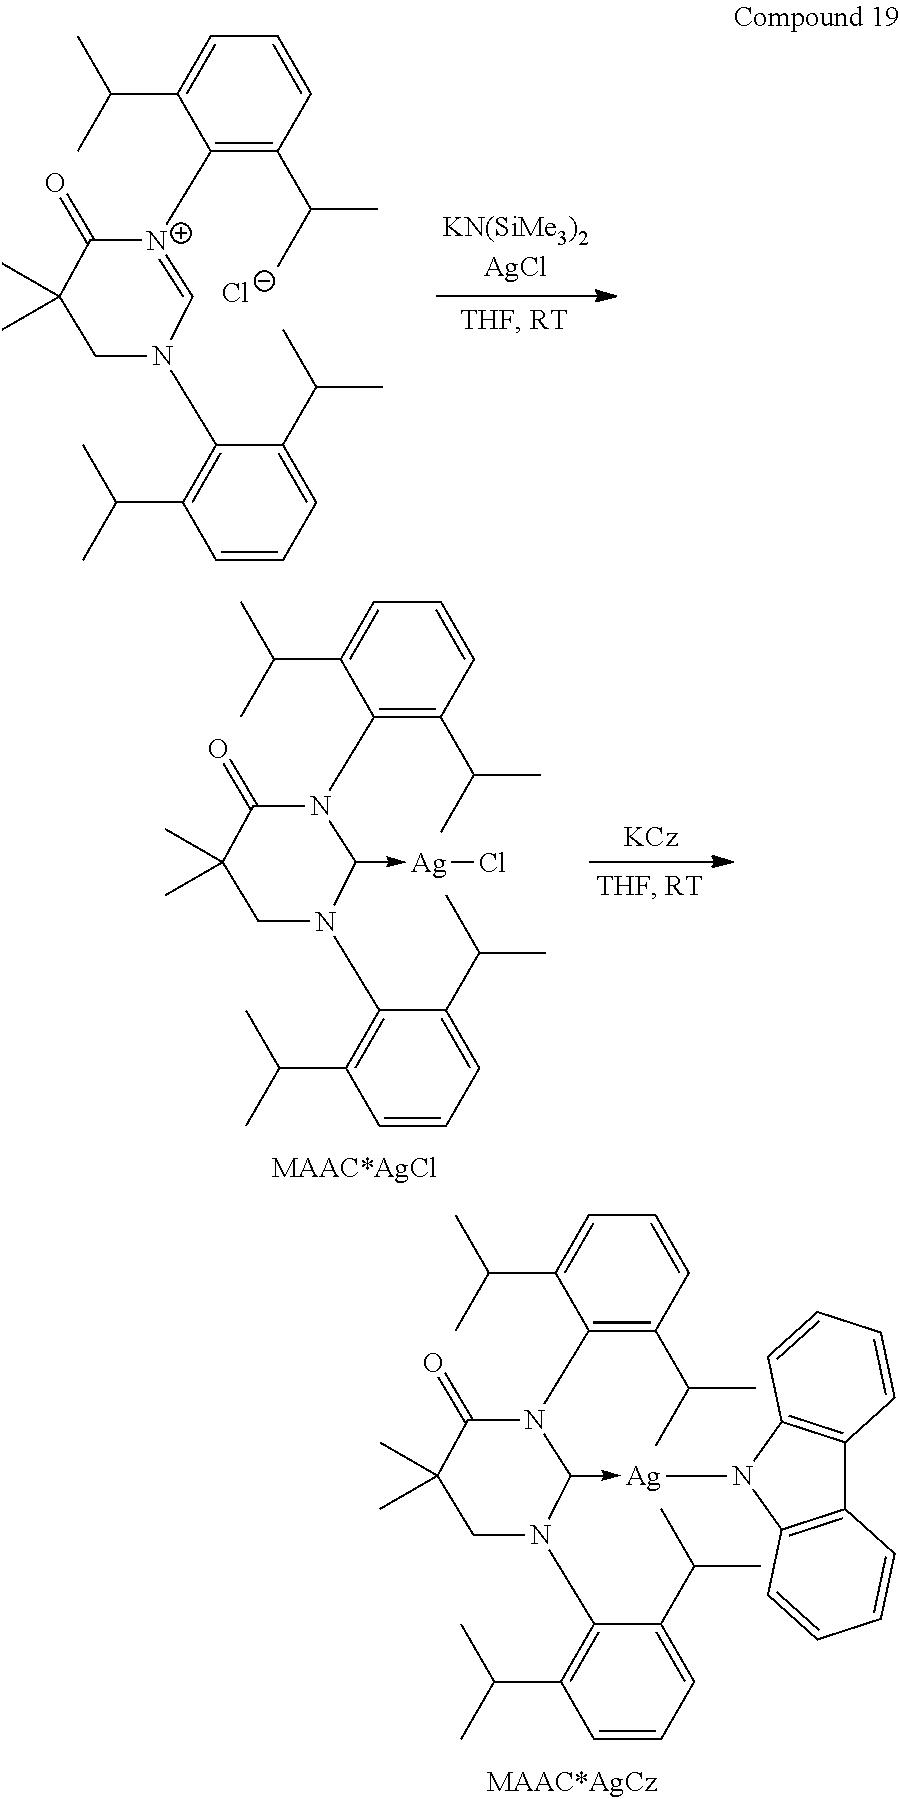 Figure US20190161504A1-20190530-C00111